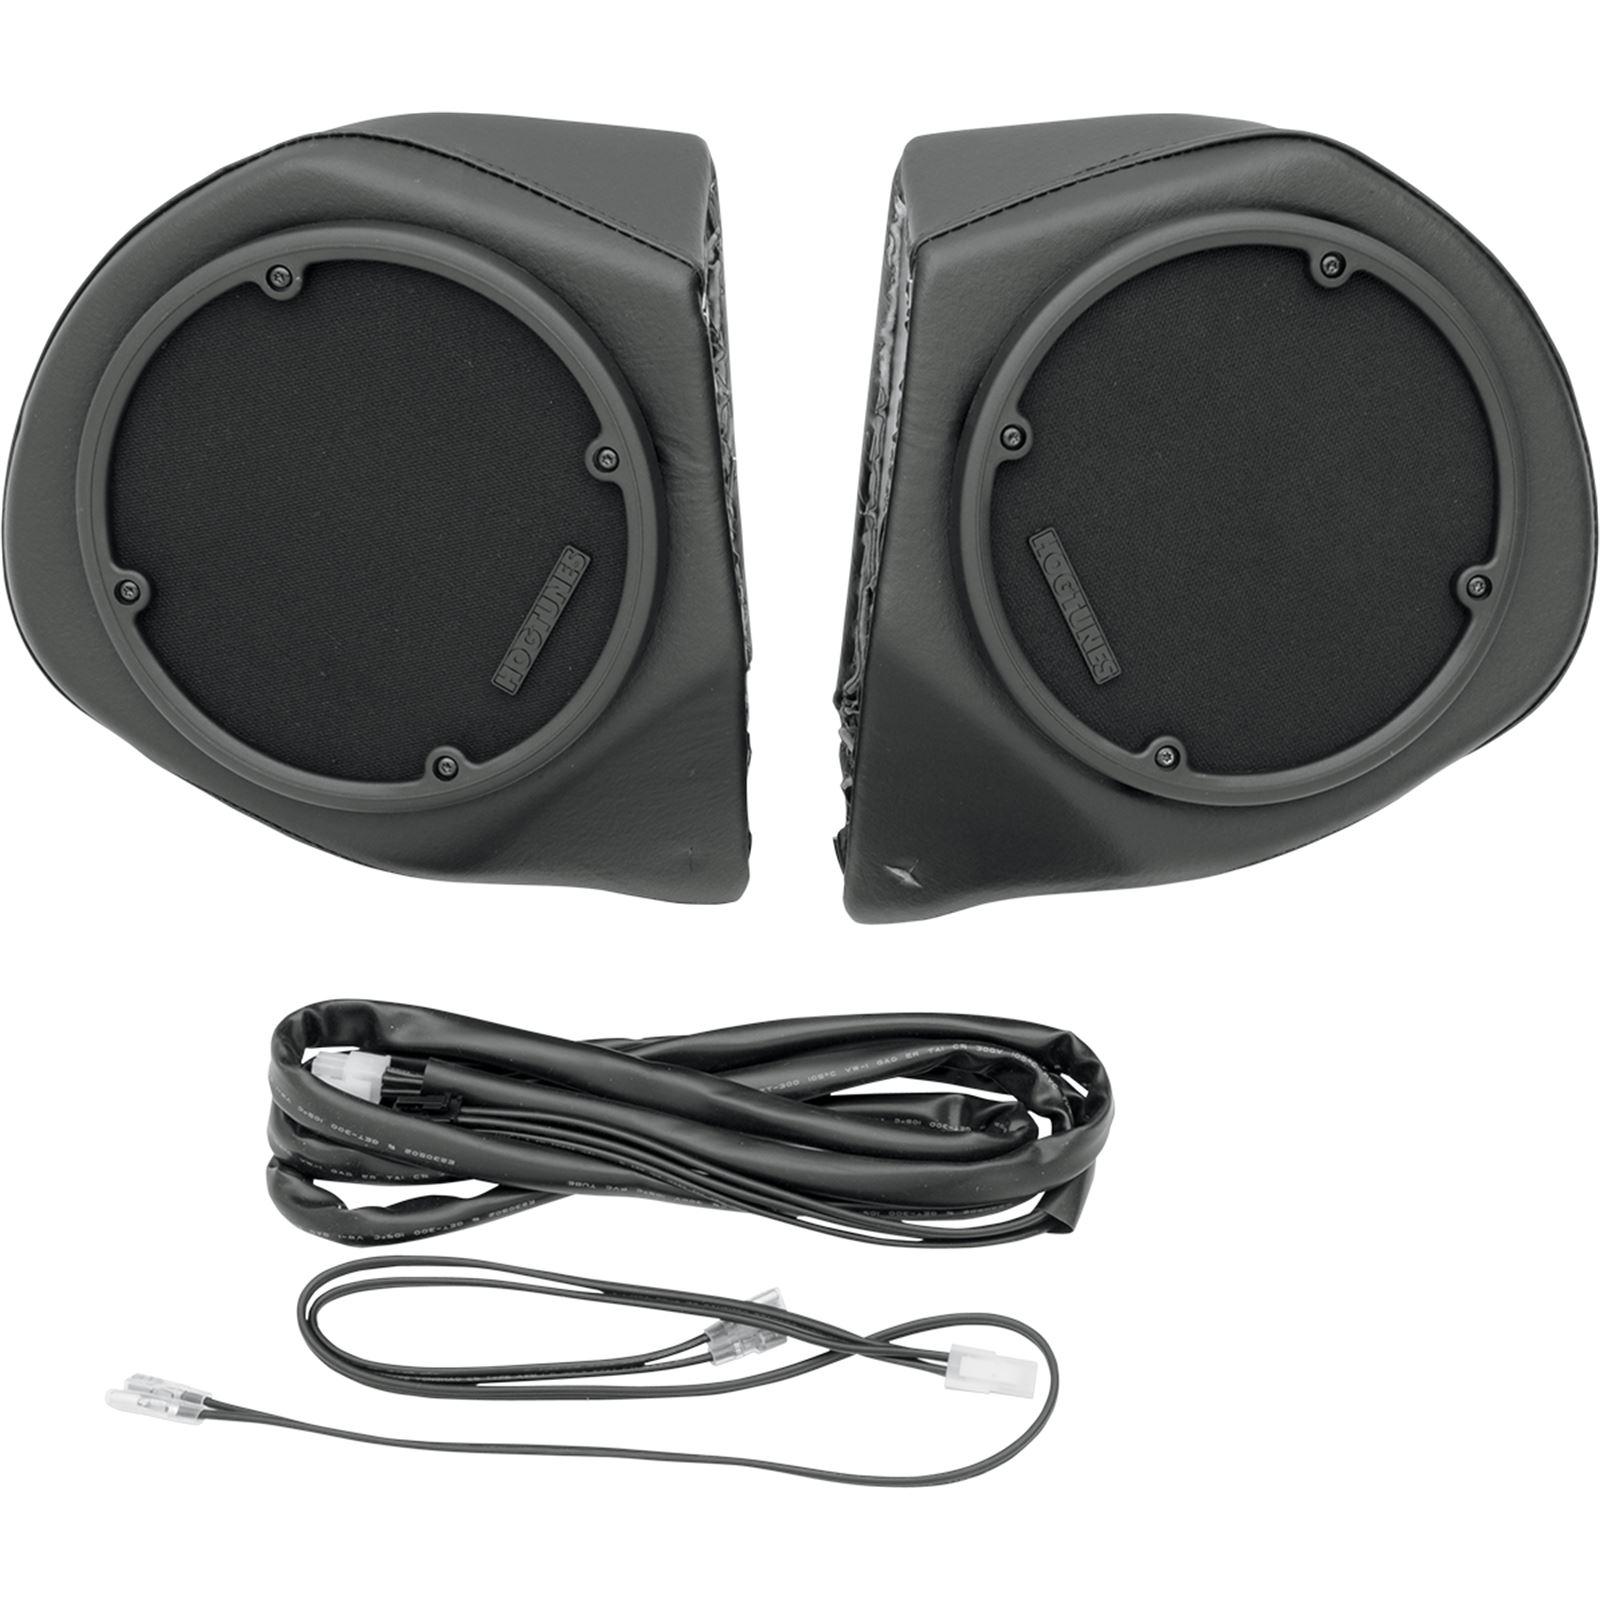 Hogtunes Rear Speaker Pods - Harley Davidson